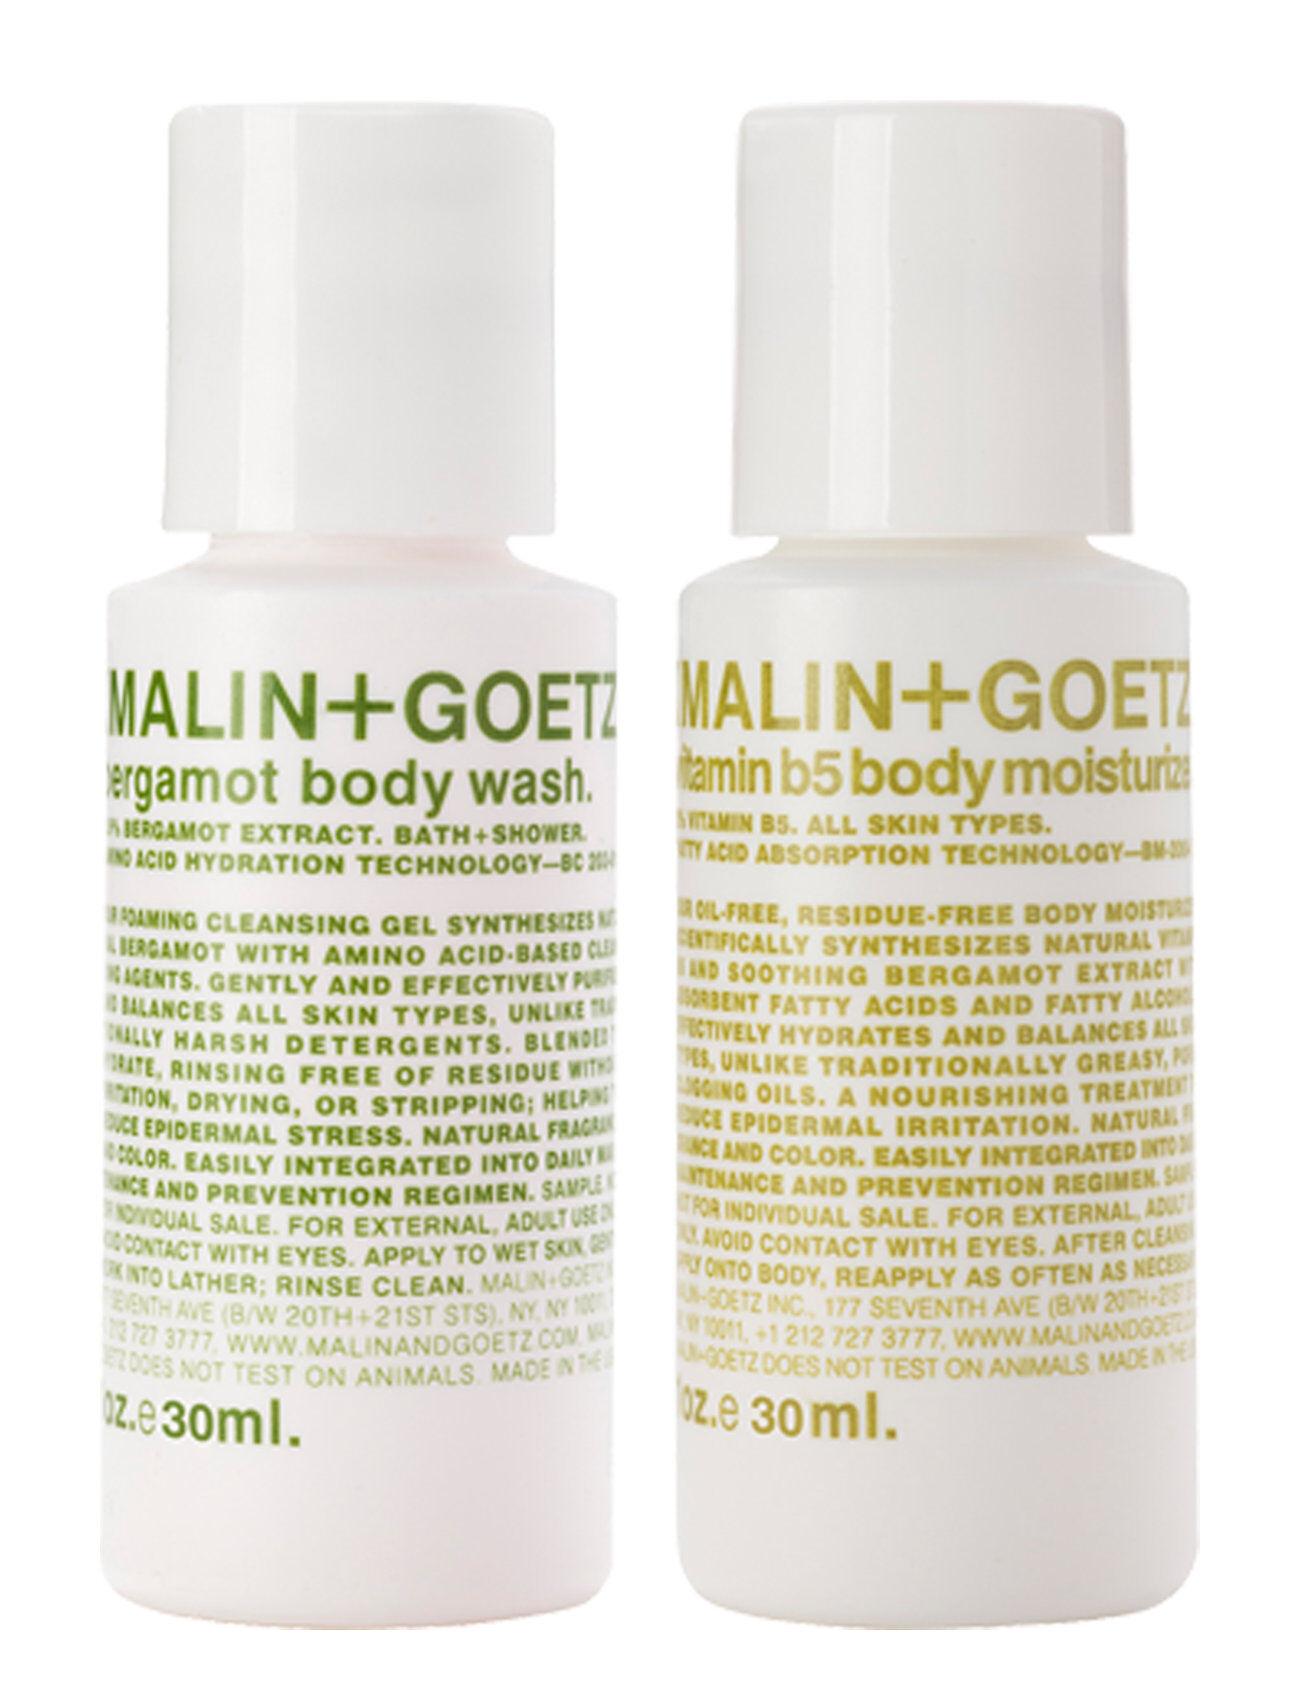 MALIN+GOETZ Body Essentials Duo Kylpysetti Ihonhoito Nude MALIN+GOETZ